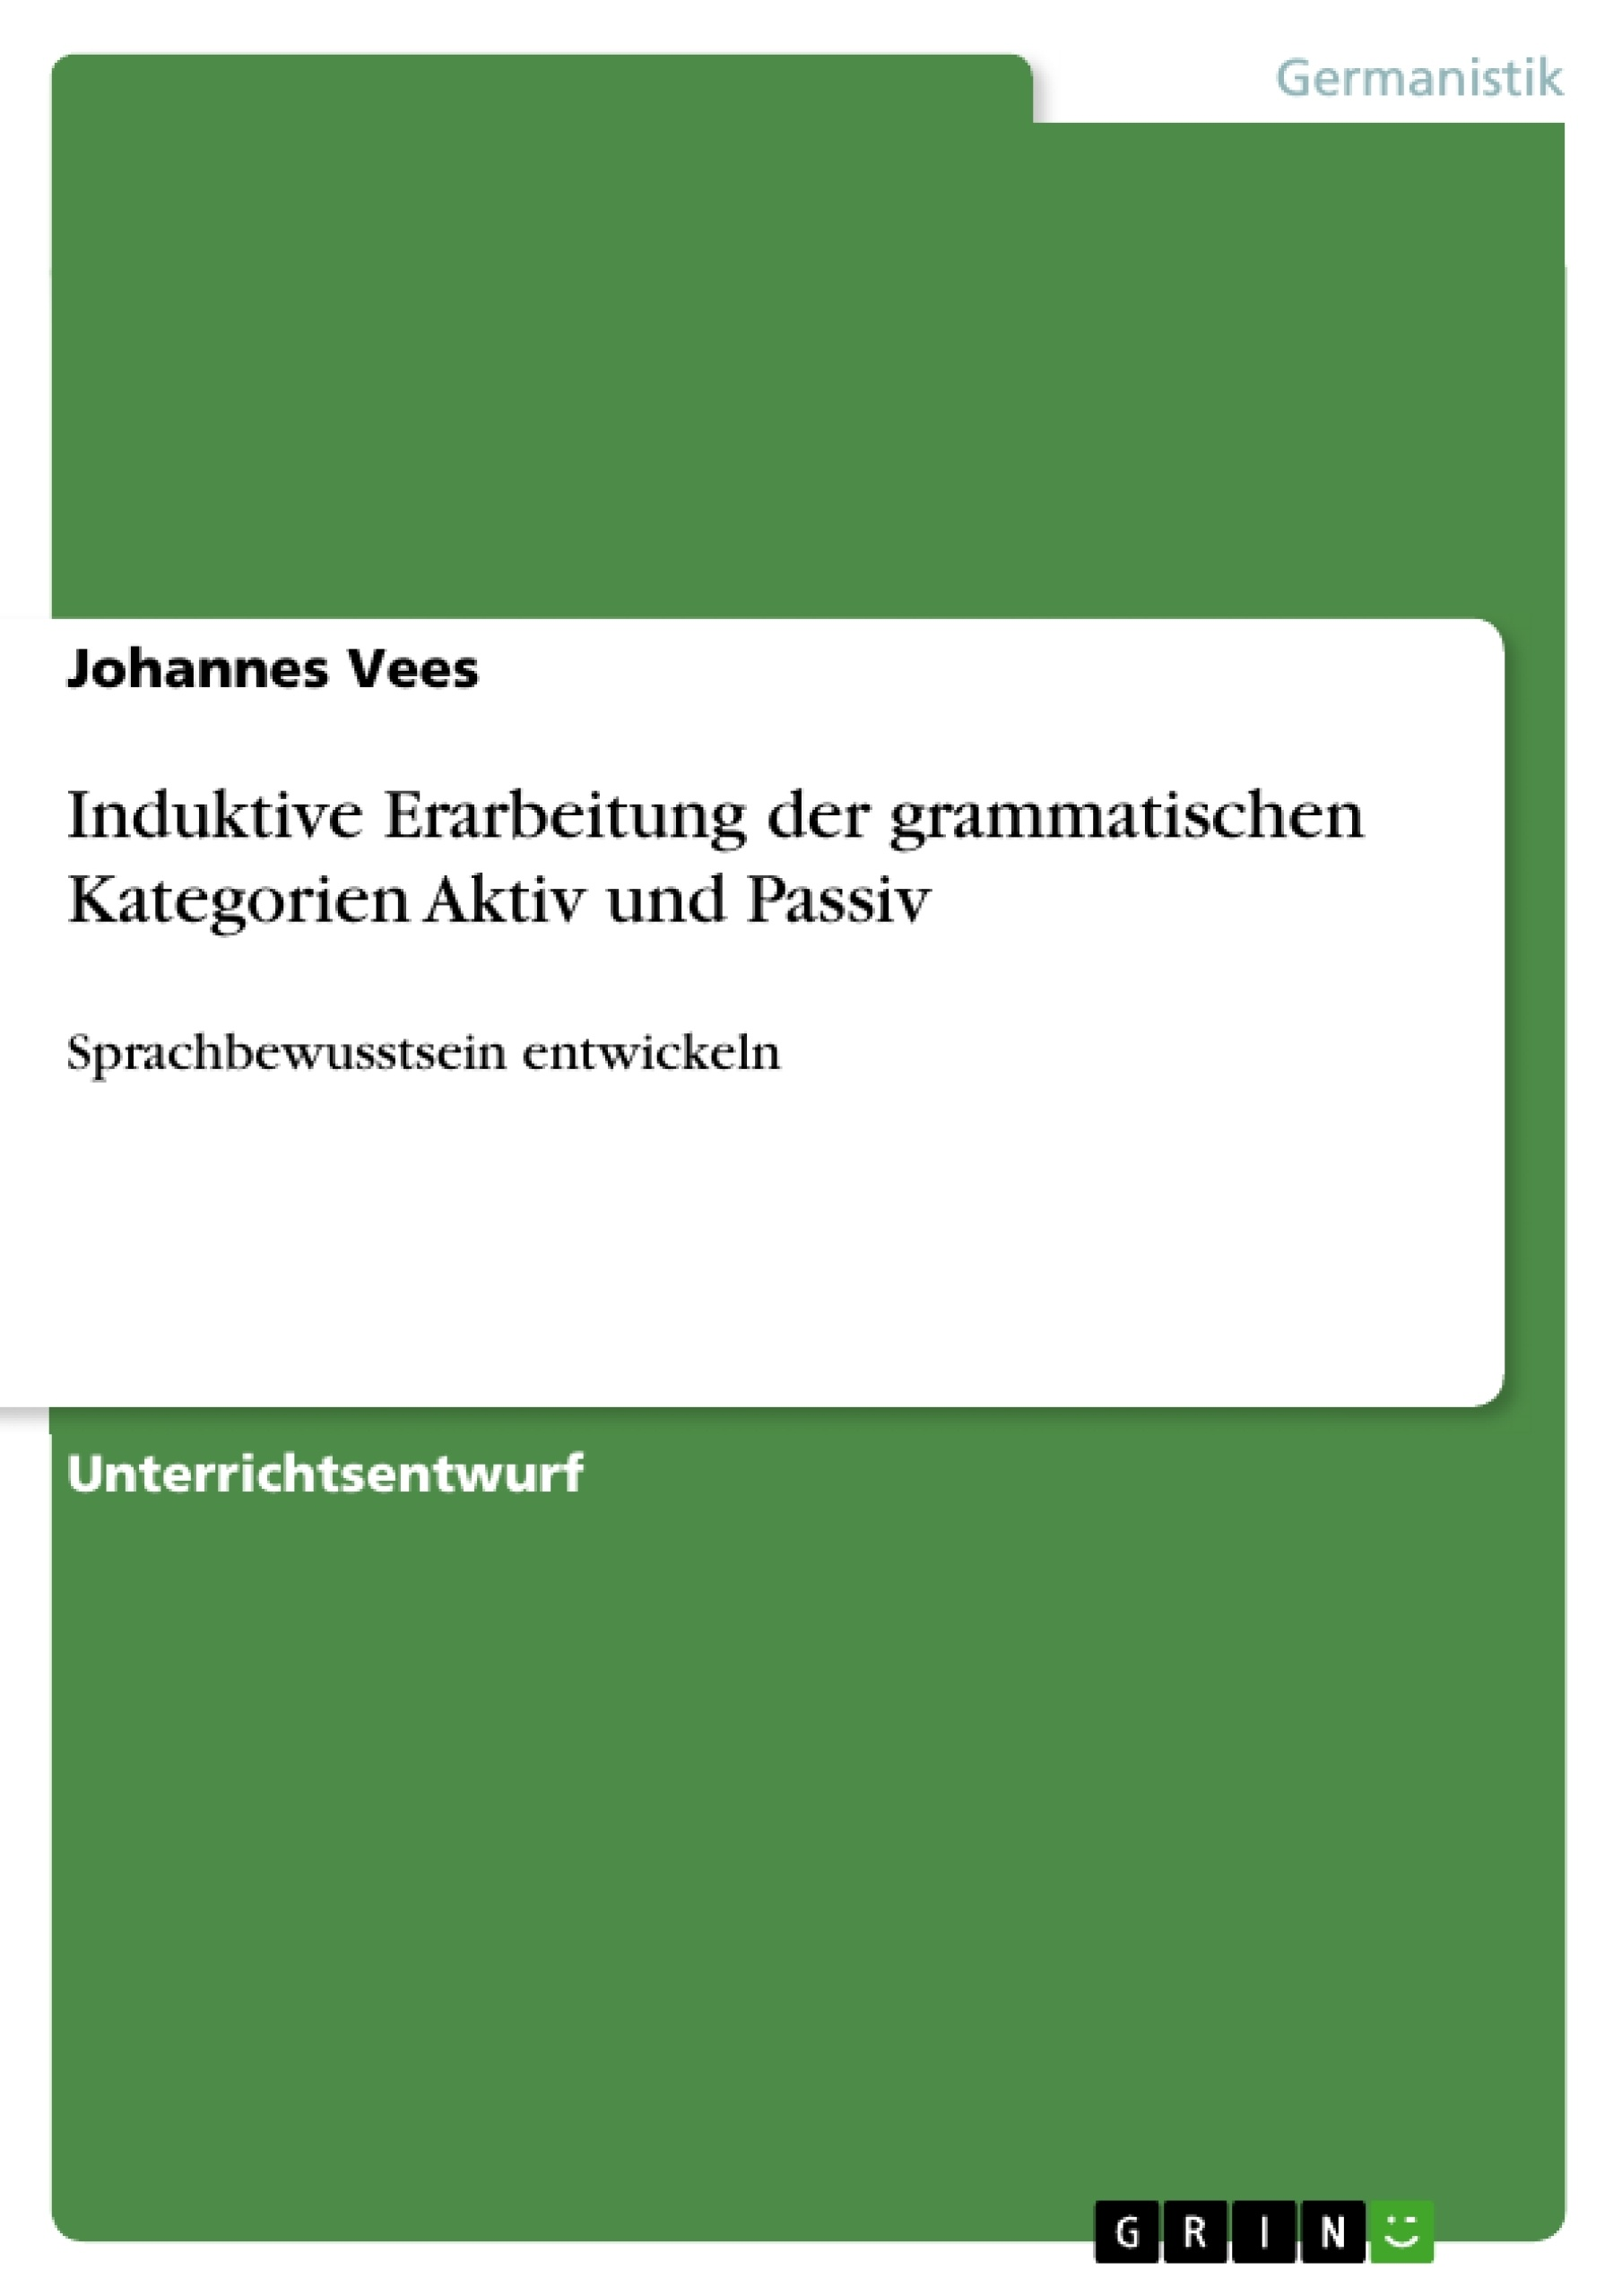 Titel: Induktive Erarbeitung der grammatischen Kategorien Aktiv und Passiv